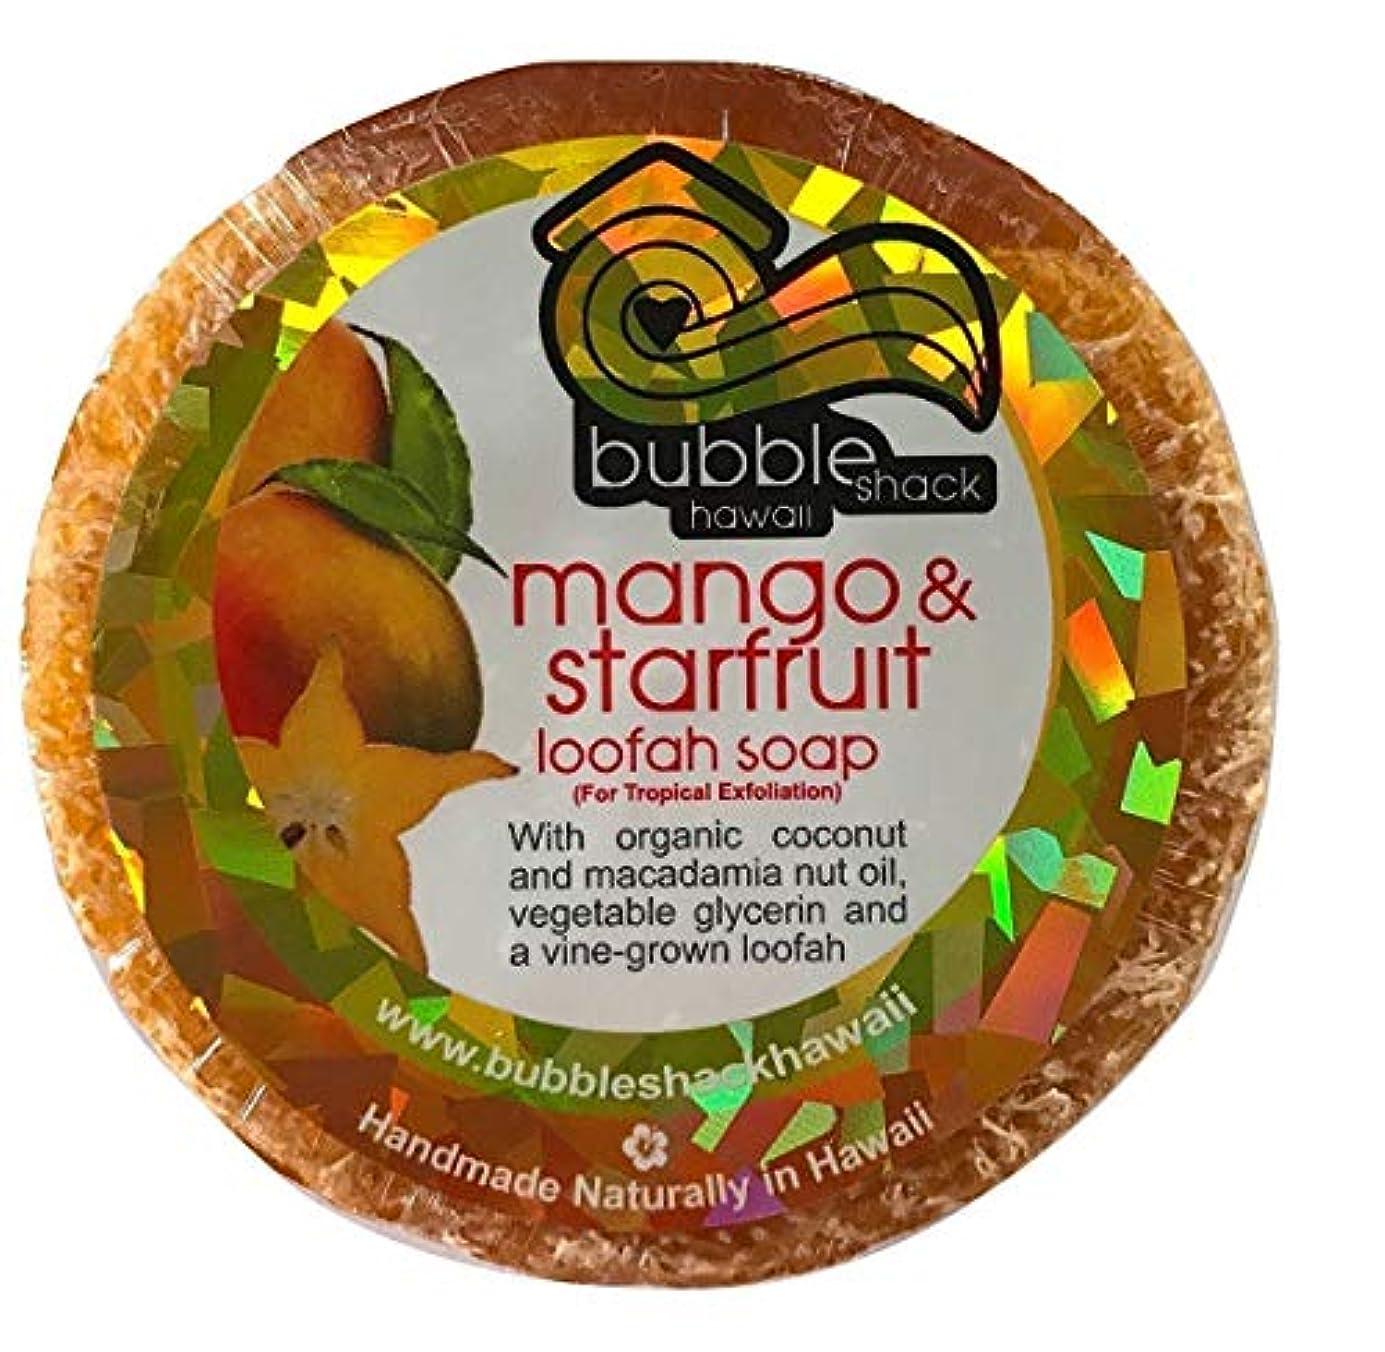 興奮ライラック本気ハワイアン雑貨/ハワイ 雑貨【バブルシャック】Bubble Shack Hawaii ルーファーソープ(マンゴ&スターフルーツ) 【お土産】